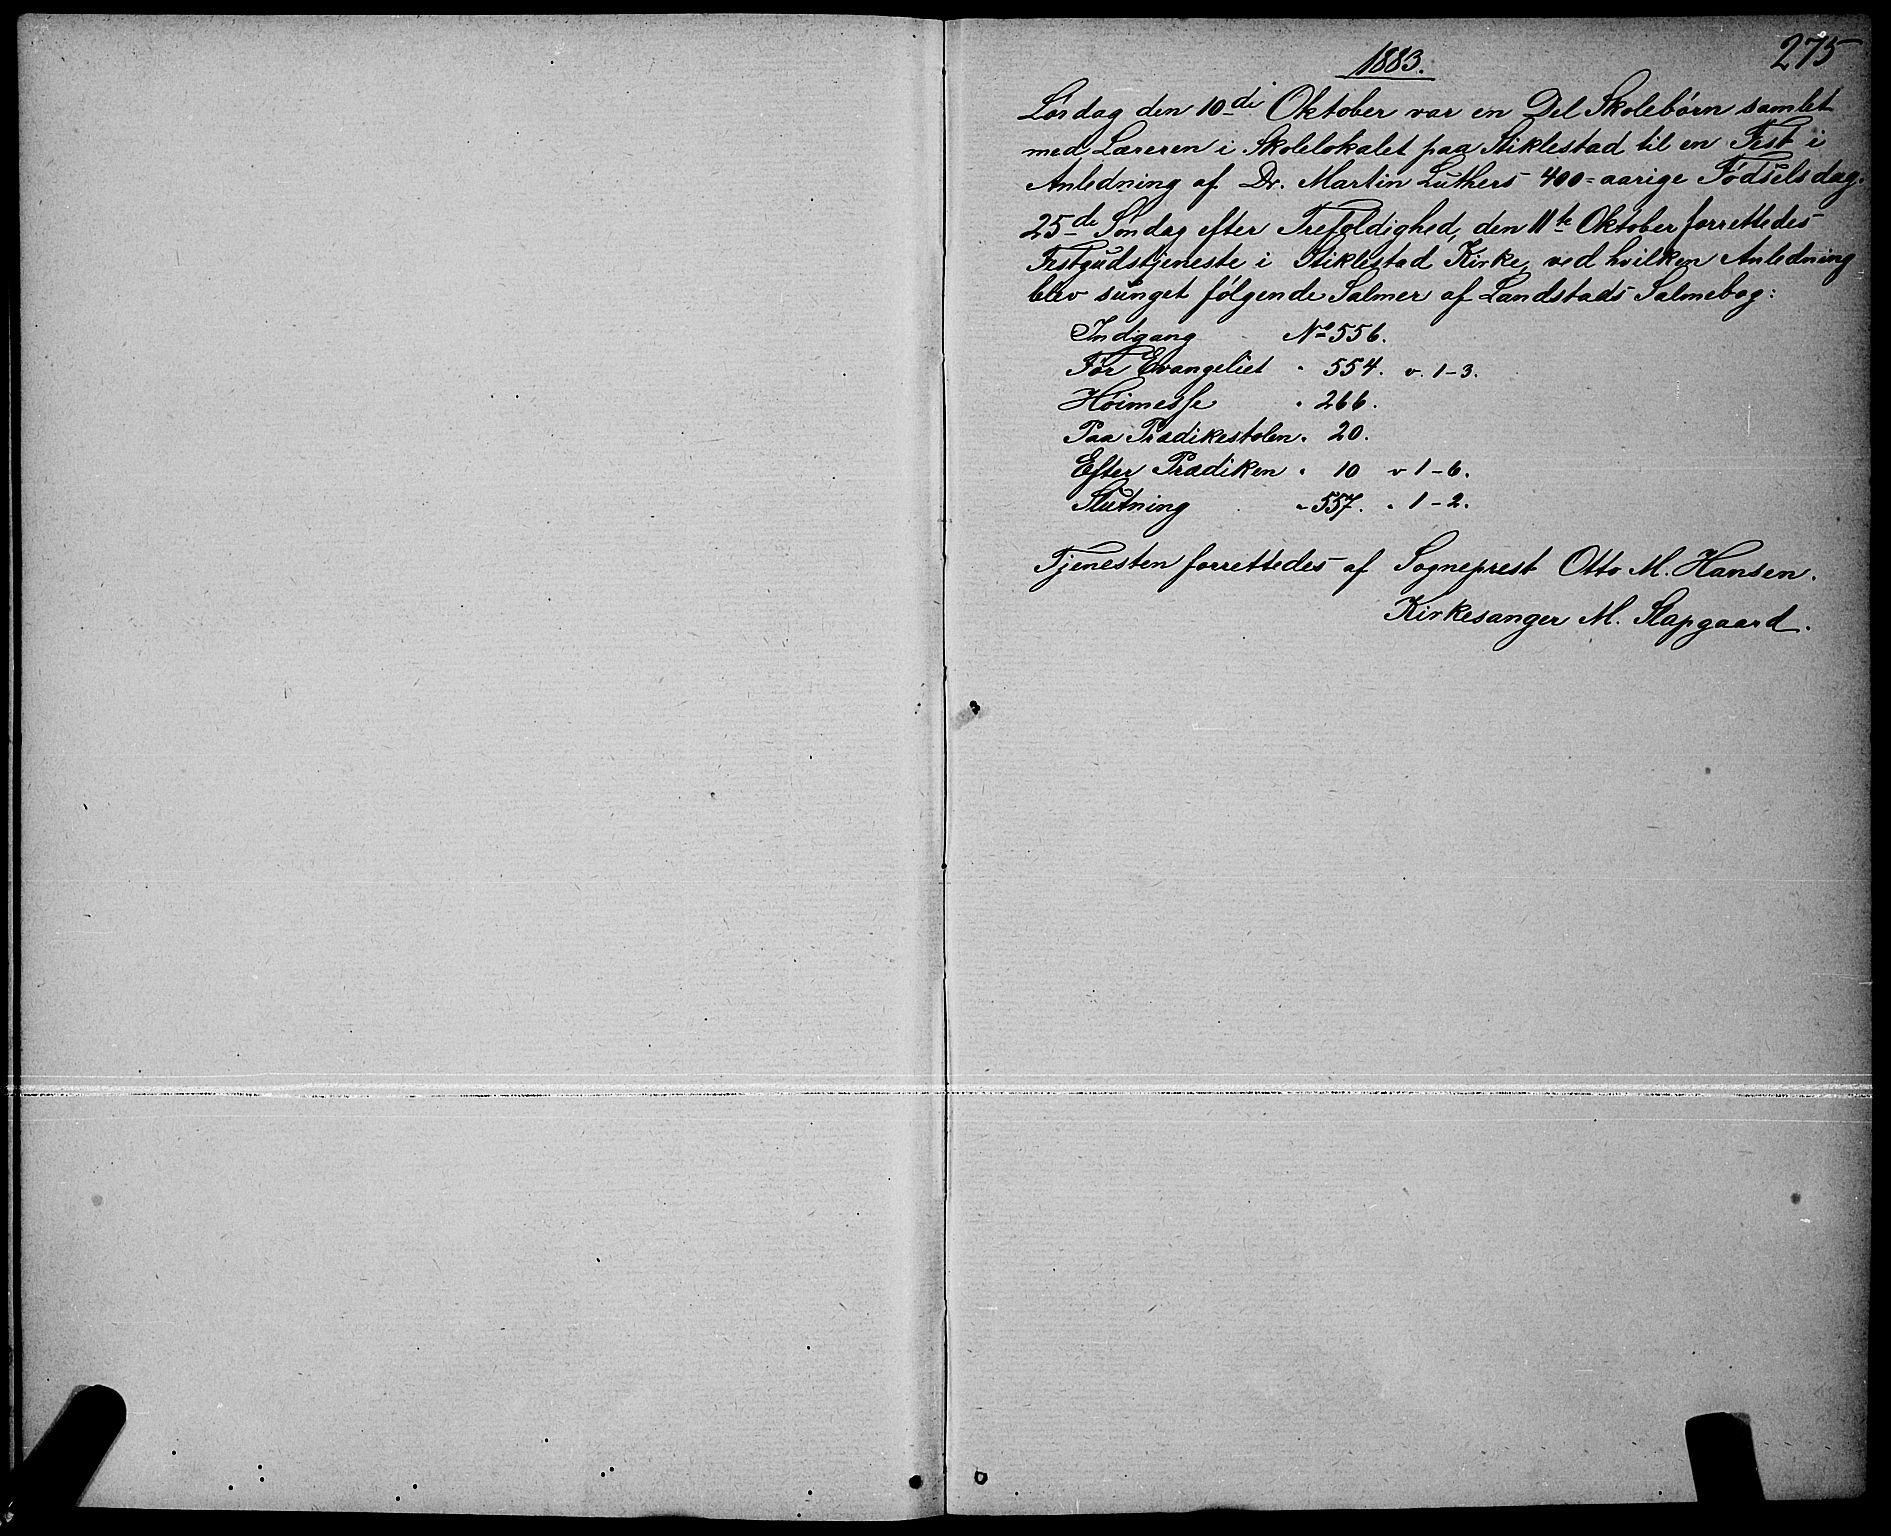 SAT, Ministerialprotokoller, klokkerbøker og fødselsregistre - Nord-Trøndelag, 723/L0256: Klokkerbok nr. 723C04, 1879-1890, s. 275